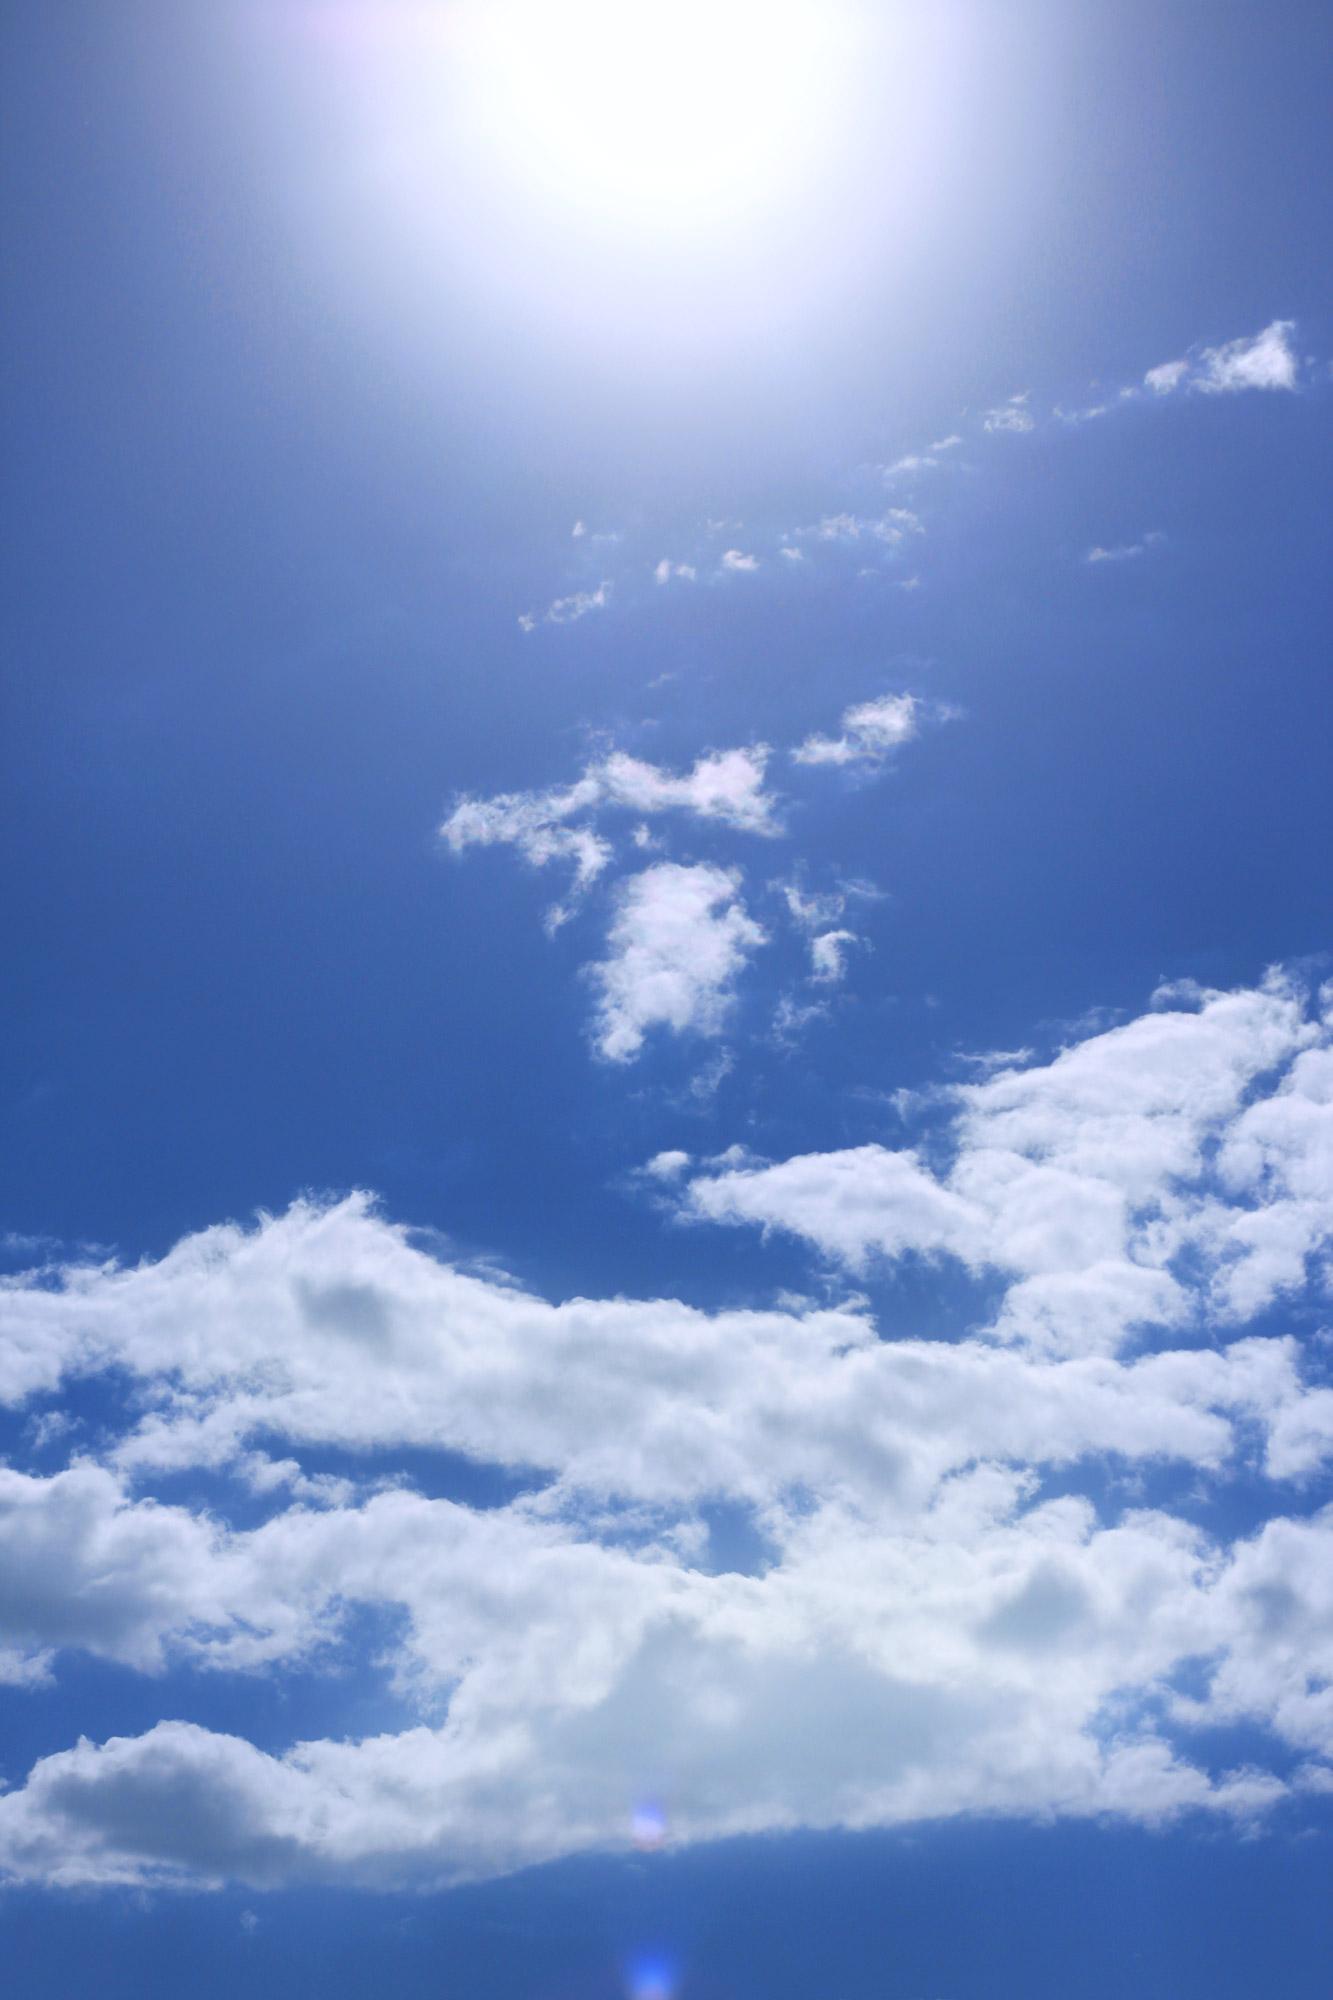 Sonne Wolken - kostenlose Bilder download | Titania Foto